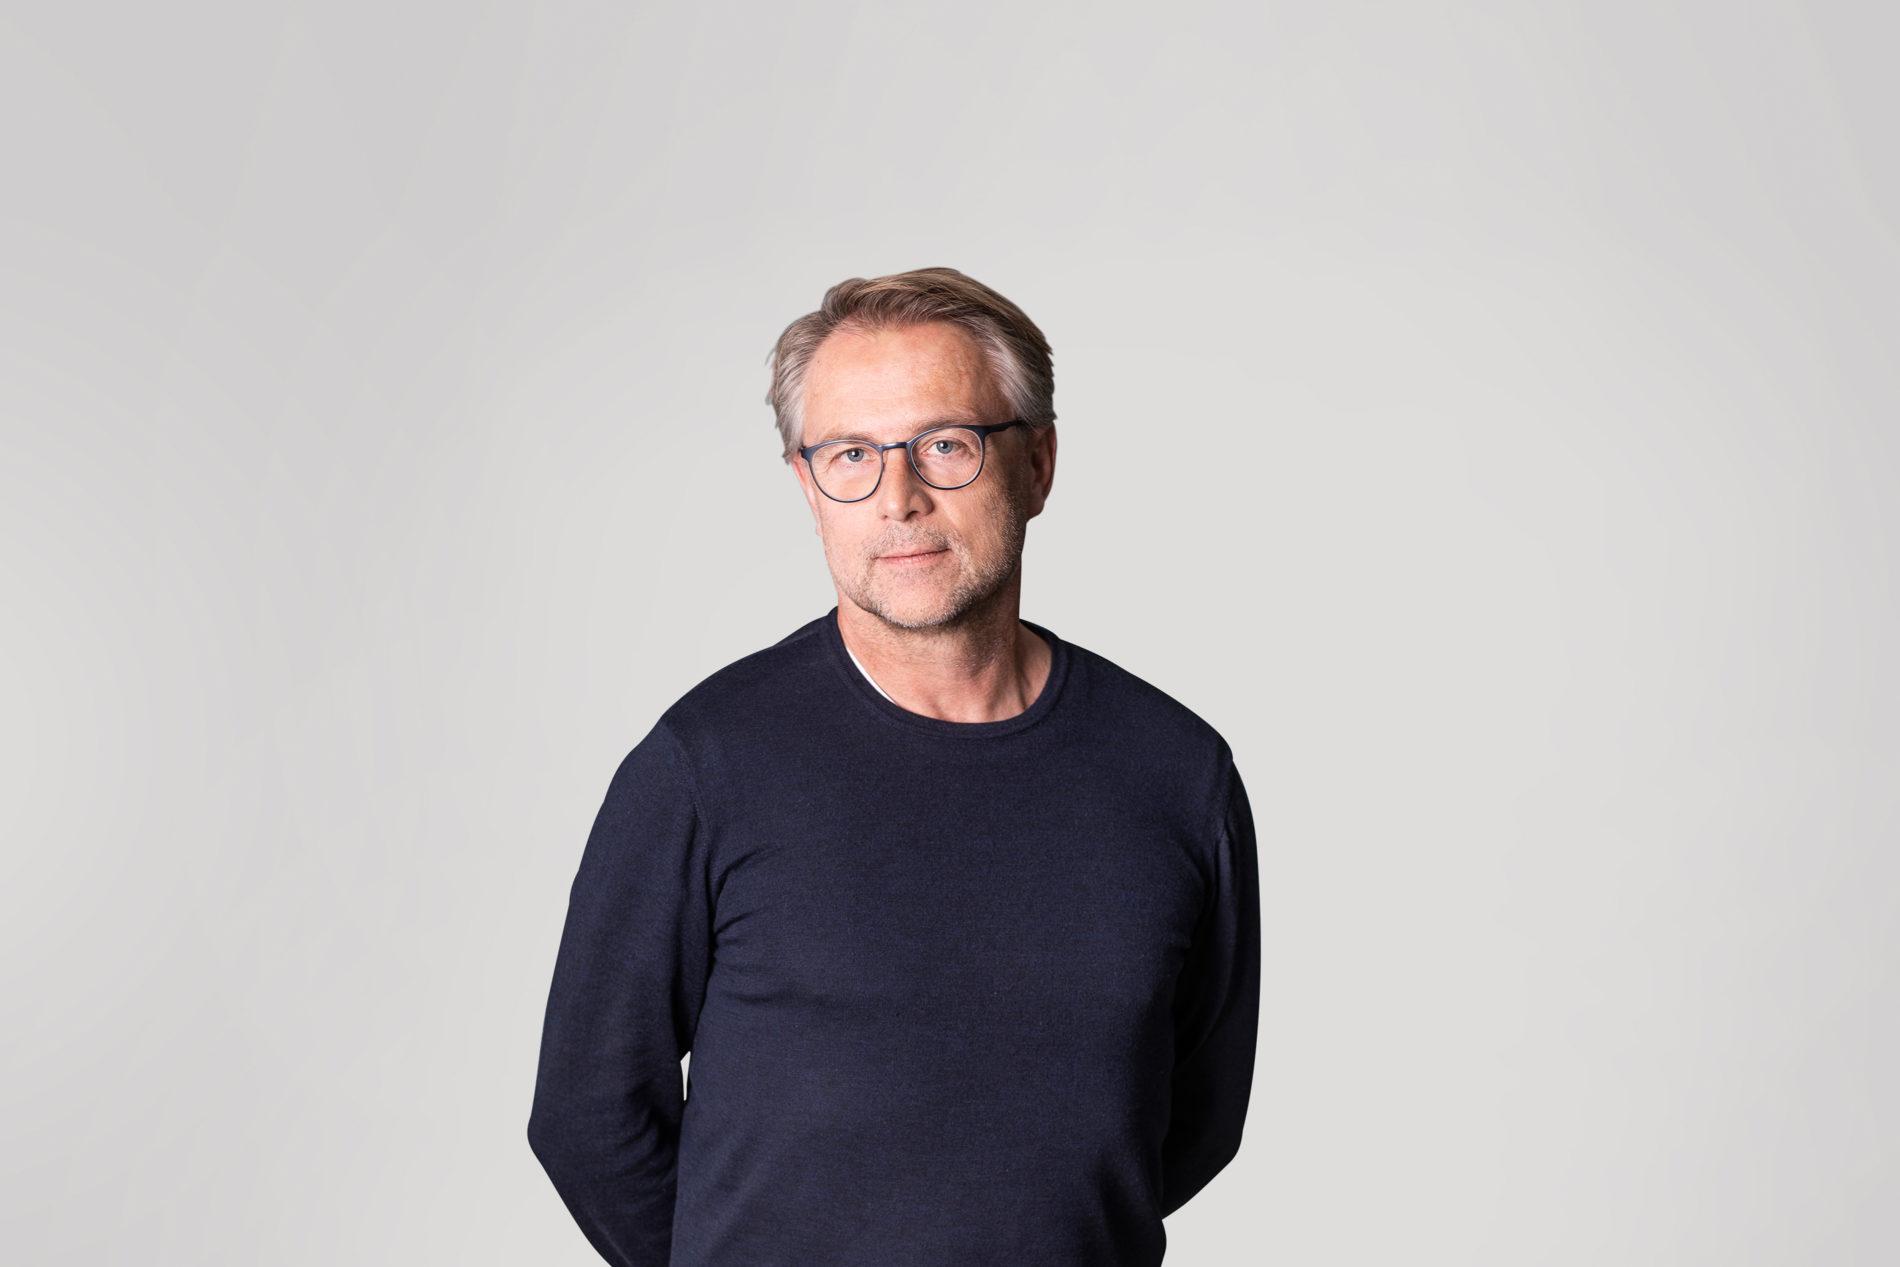 Mats Enander